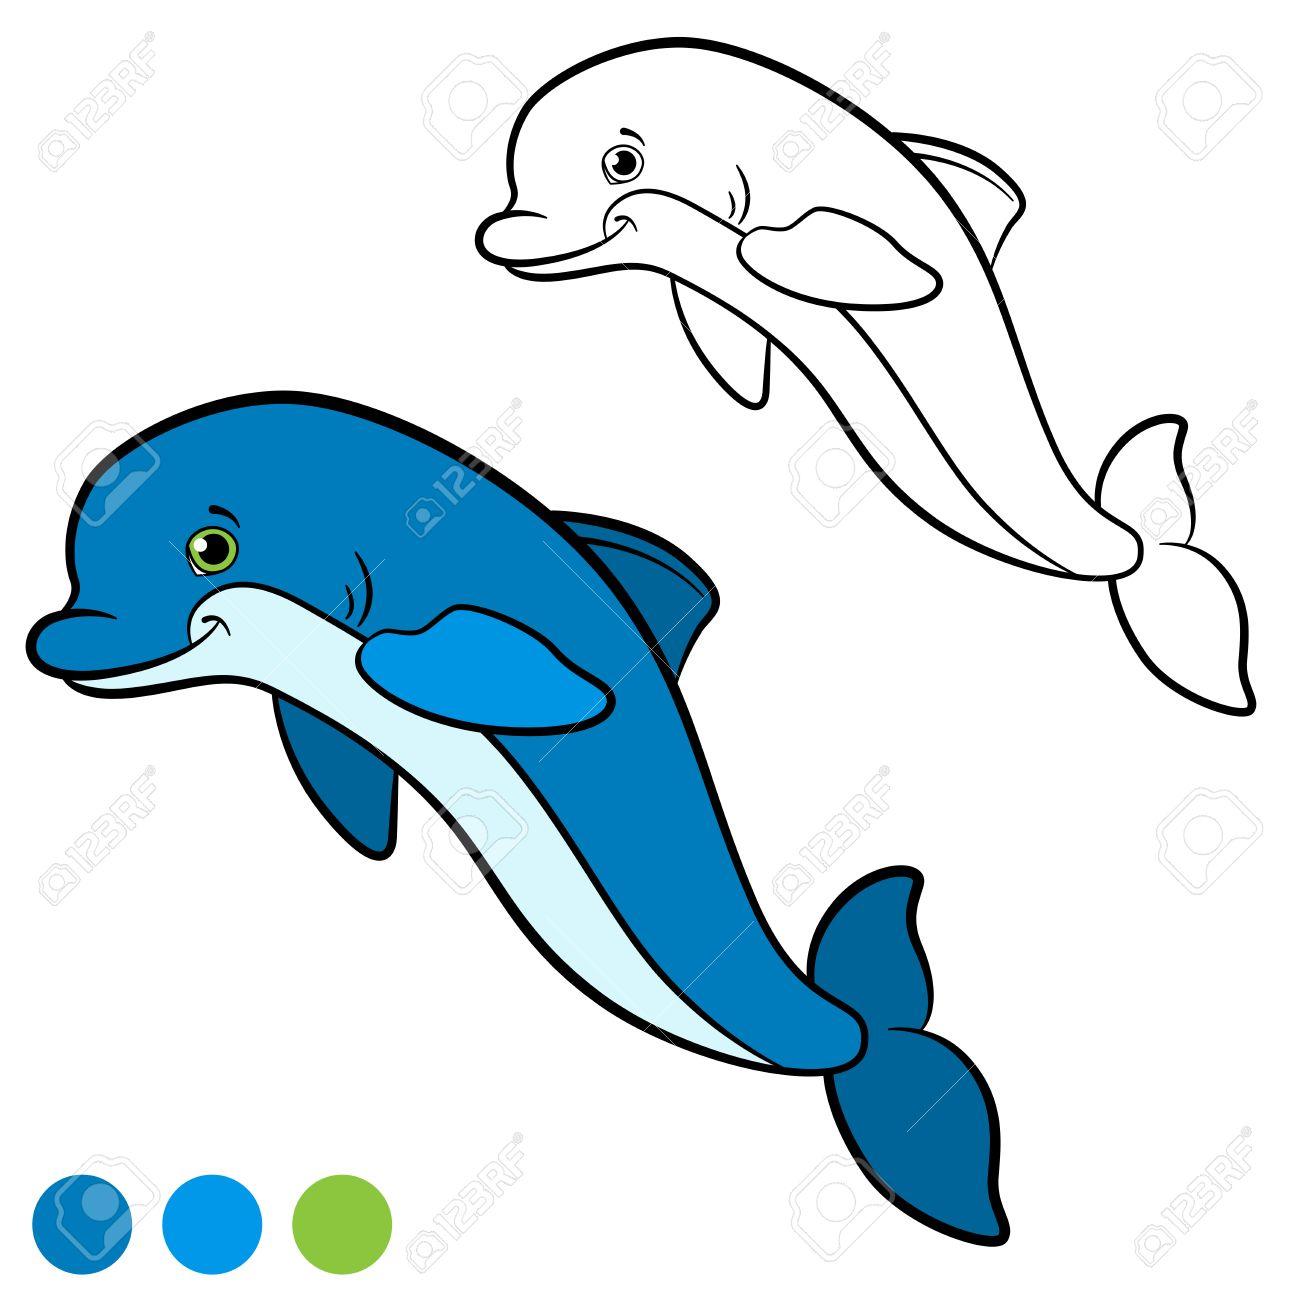 Dibujo Para Colorear. Color Me Delfín. Poco Saltos De Delfines Lindo ...